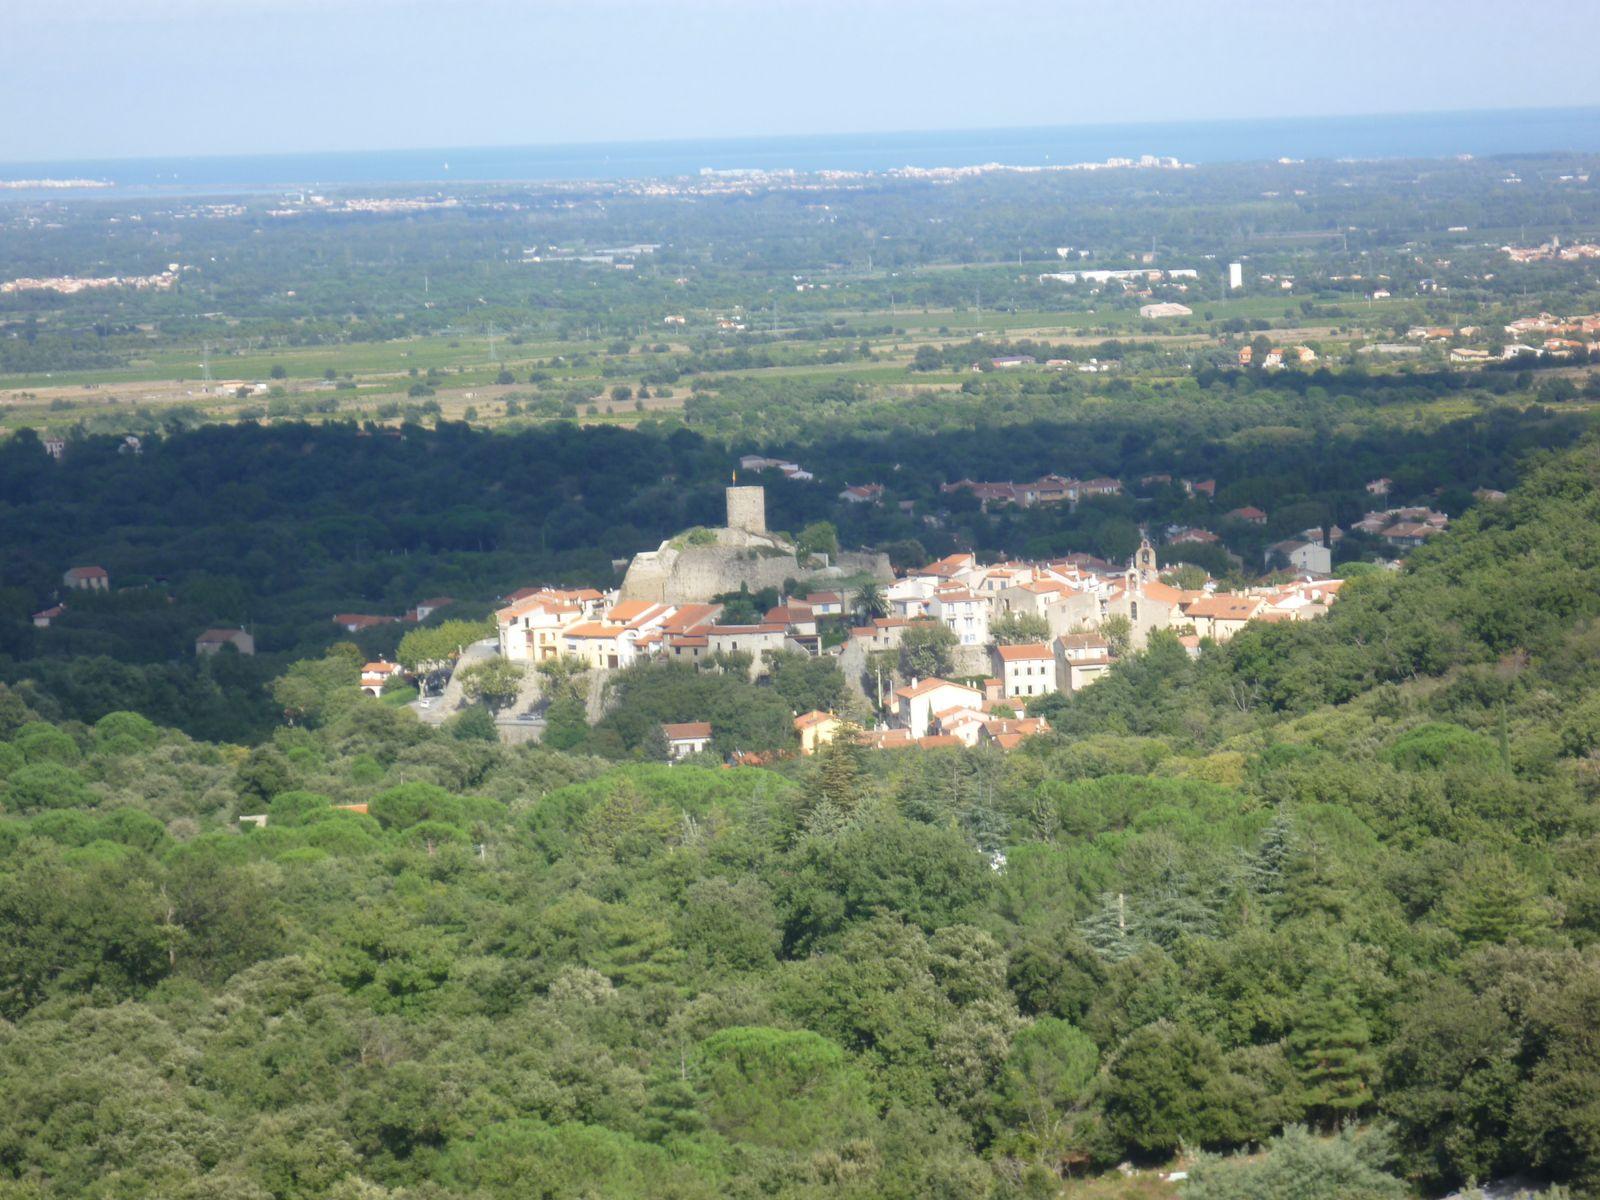 Ce village catalan est situé au pied du massif des Albères, d'une superficie de 2051ha, couverte en majeure partie par la forêt domaniale, mais également par les cultures de la vigne,et des fruits. A 9 Km de la mer et de la station d'ARGELES SUR MER, le village offre à ses visiteurs l' accueil chaleureux de ses 1929 habitants, les Rocatins, la beauté de son paysage et de ses fûtées de hêtres,de chataigniers et de chênes, le calme et la tranquillité propices à un repos réparateur, en même temps qu'une animation discrète et de bon aloi...